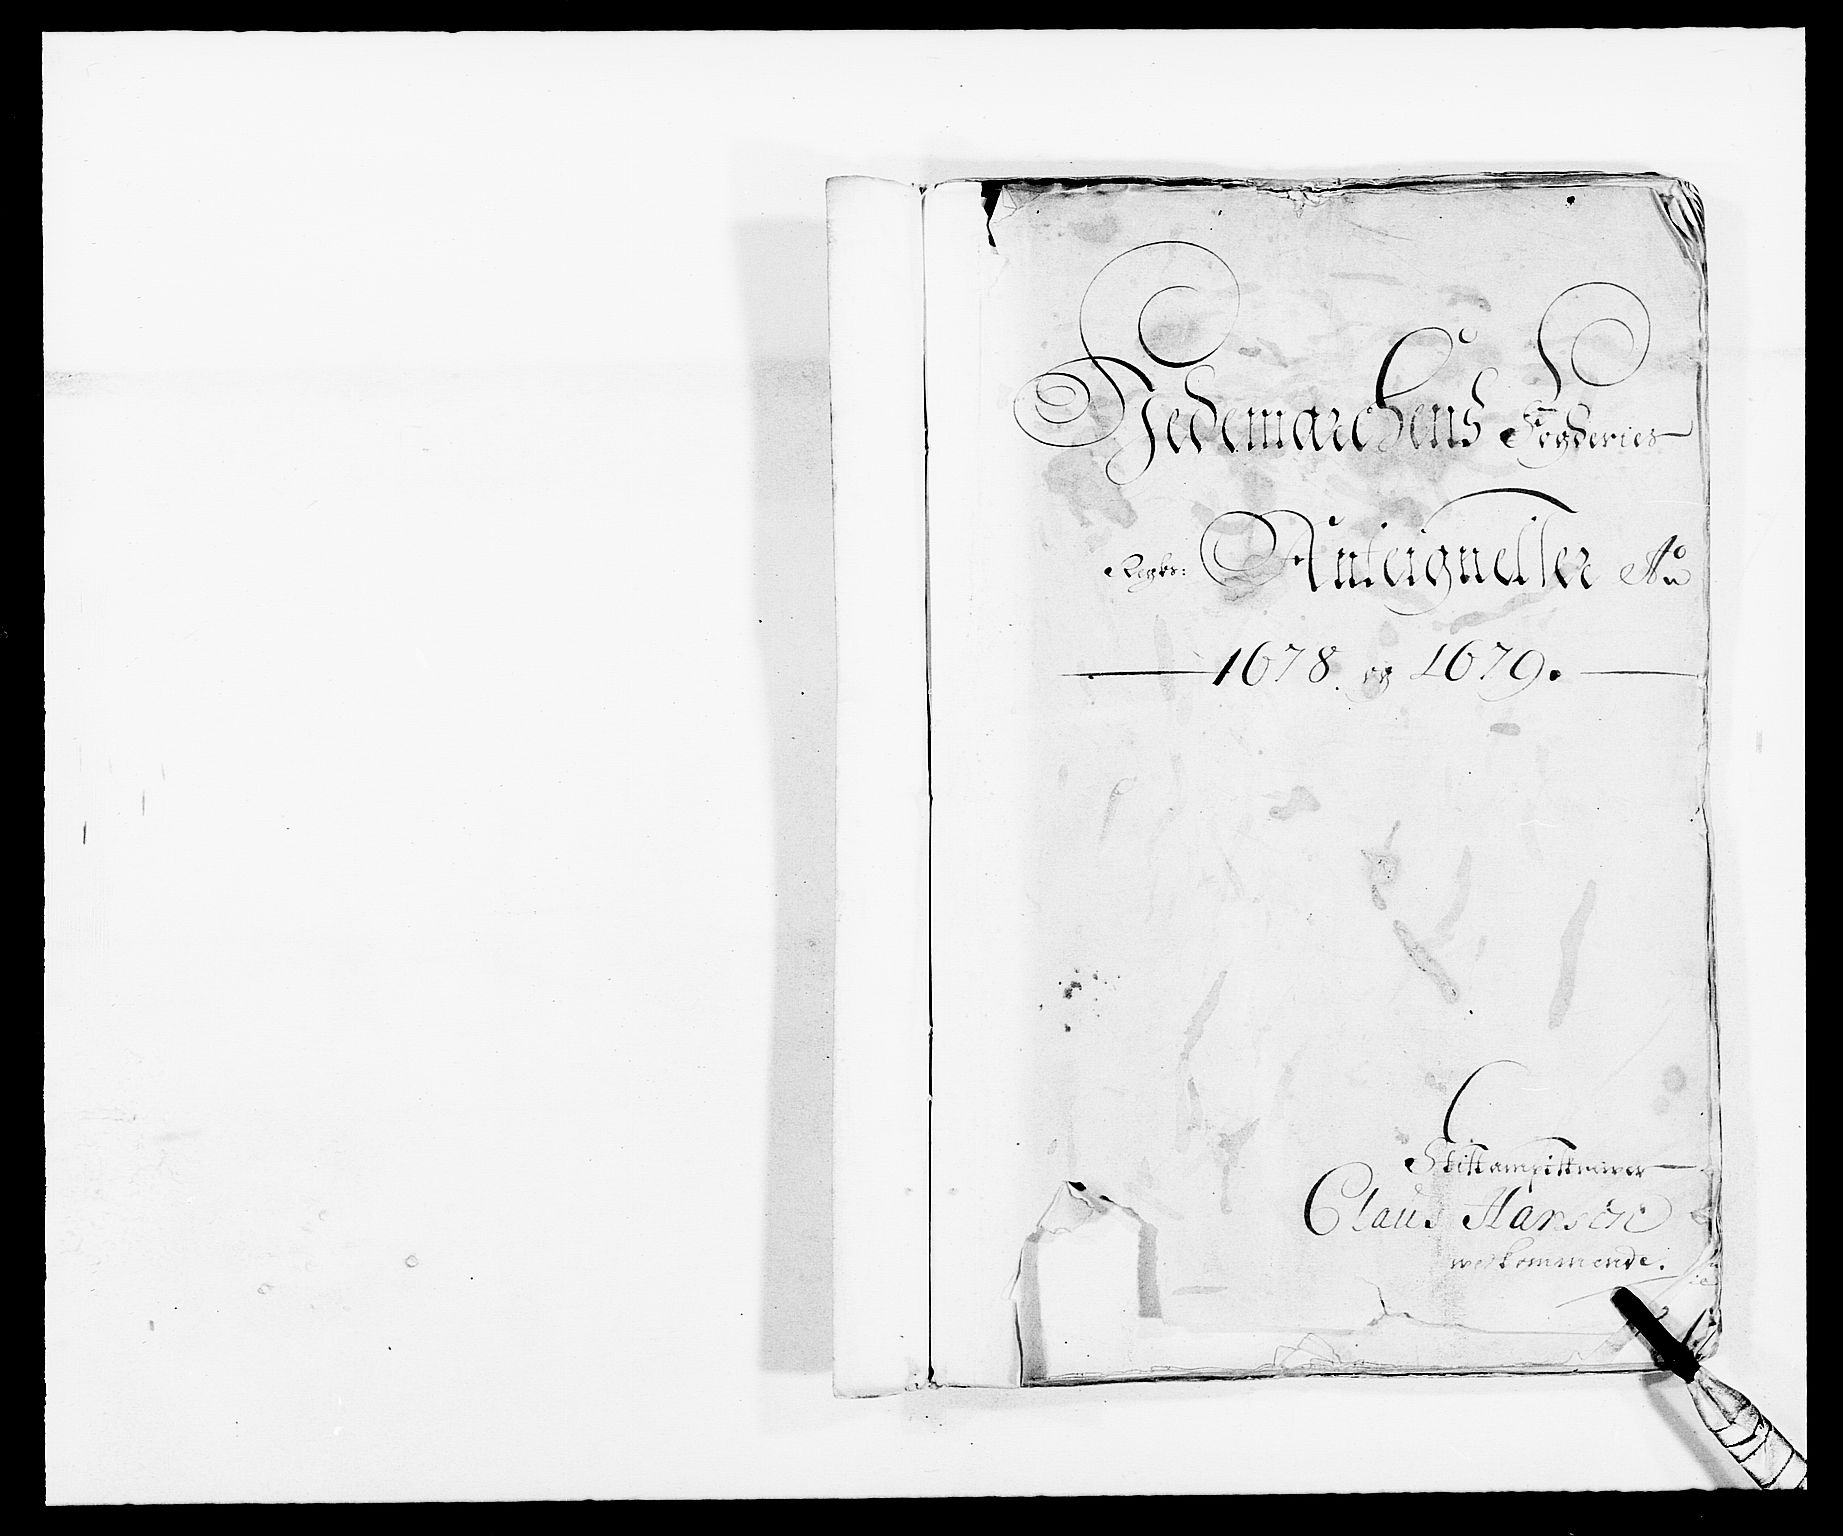 RA, Rentekammeret inntil 1814, Reviderte regnskaper, Fogderegnskap, R16/L1019: Fogderegnskap Hedmark, 1679, s. 99